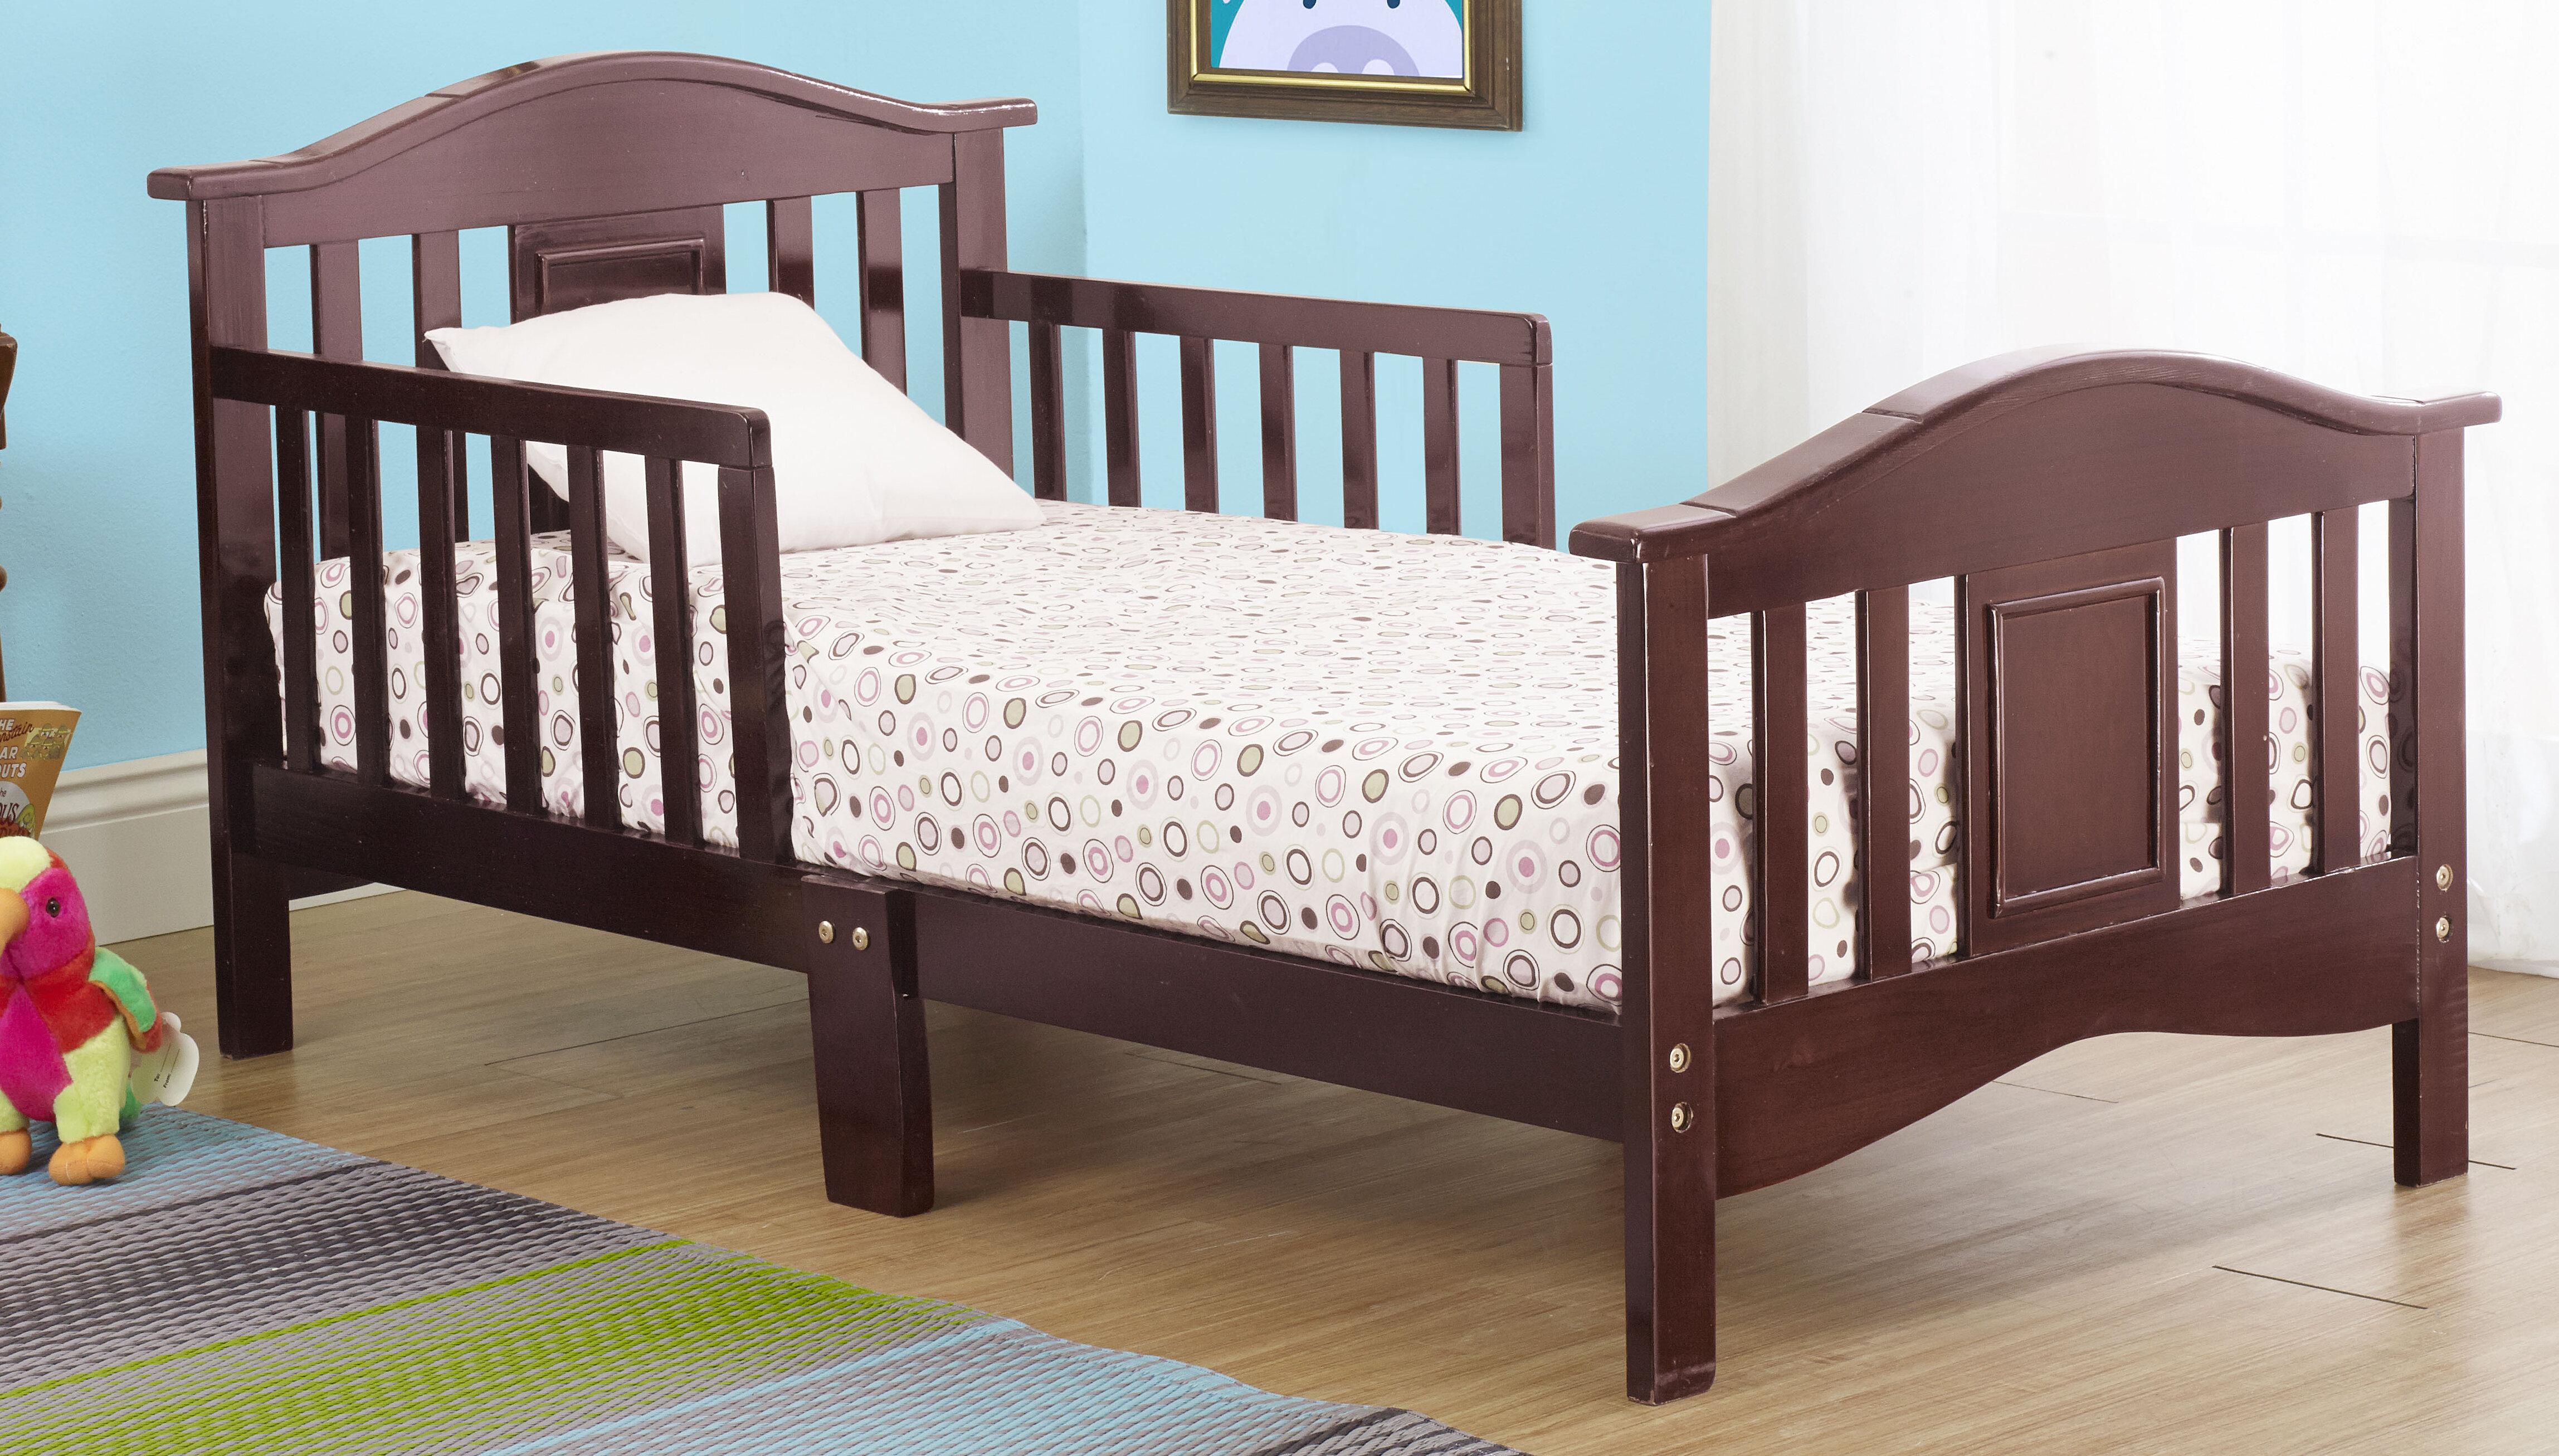 Orbelle Contemporary Convertible Toddler Bed Reviews Wayfair